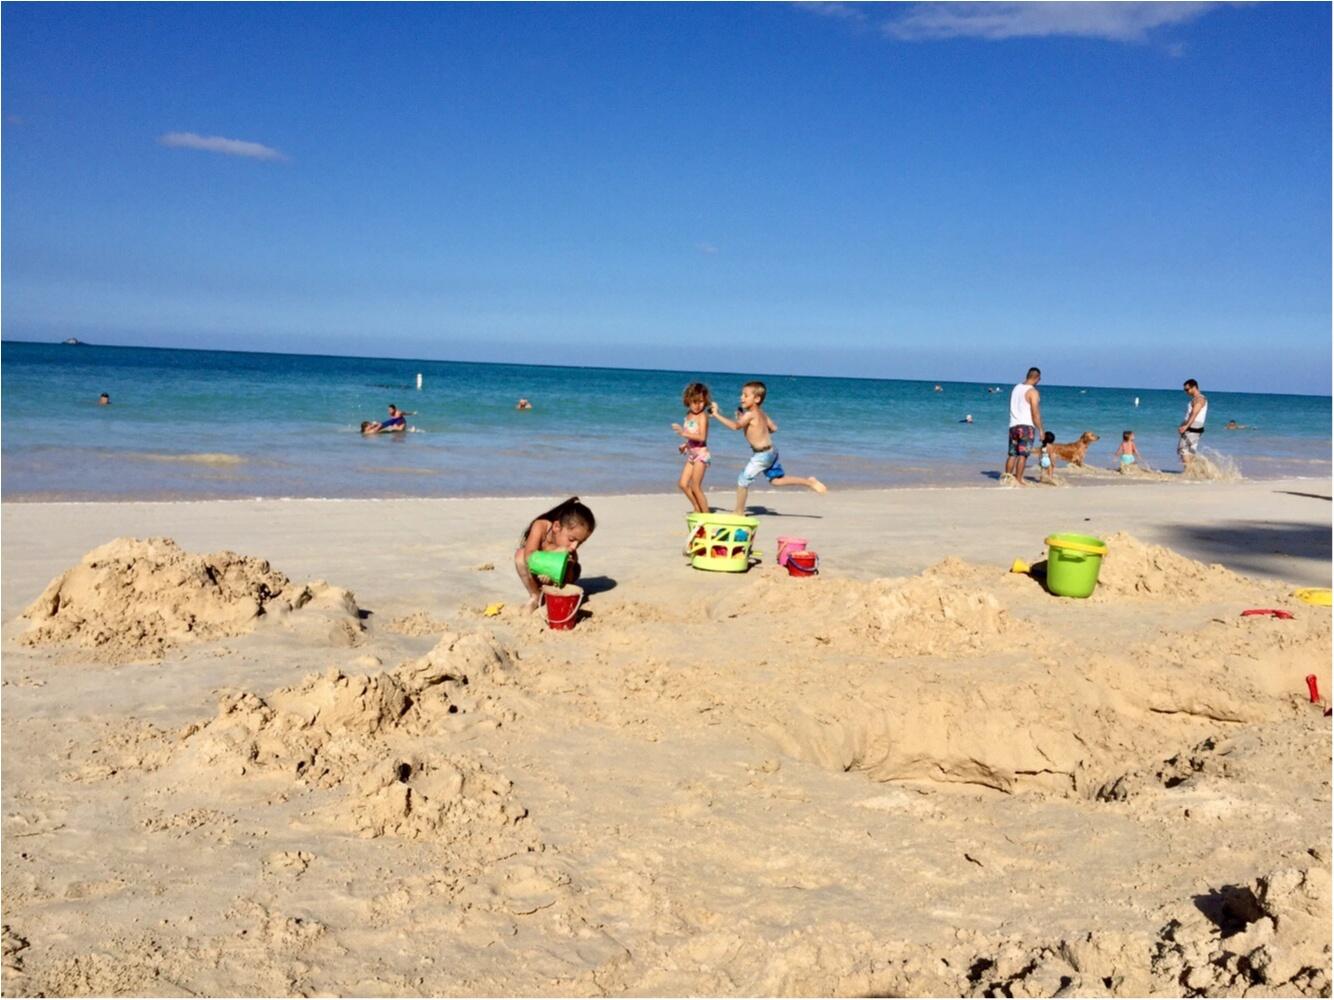 【TRIP】ワイキキビーチだけじゃない♡ハワイで行きたいまったりビーチはここがおすすめ♡_2